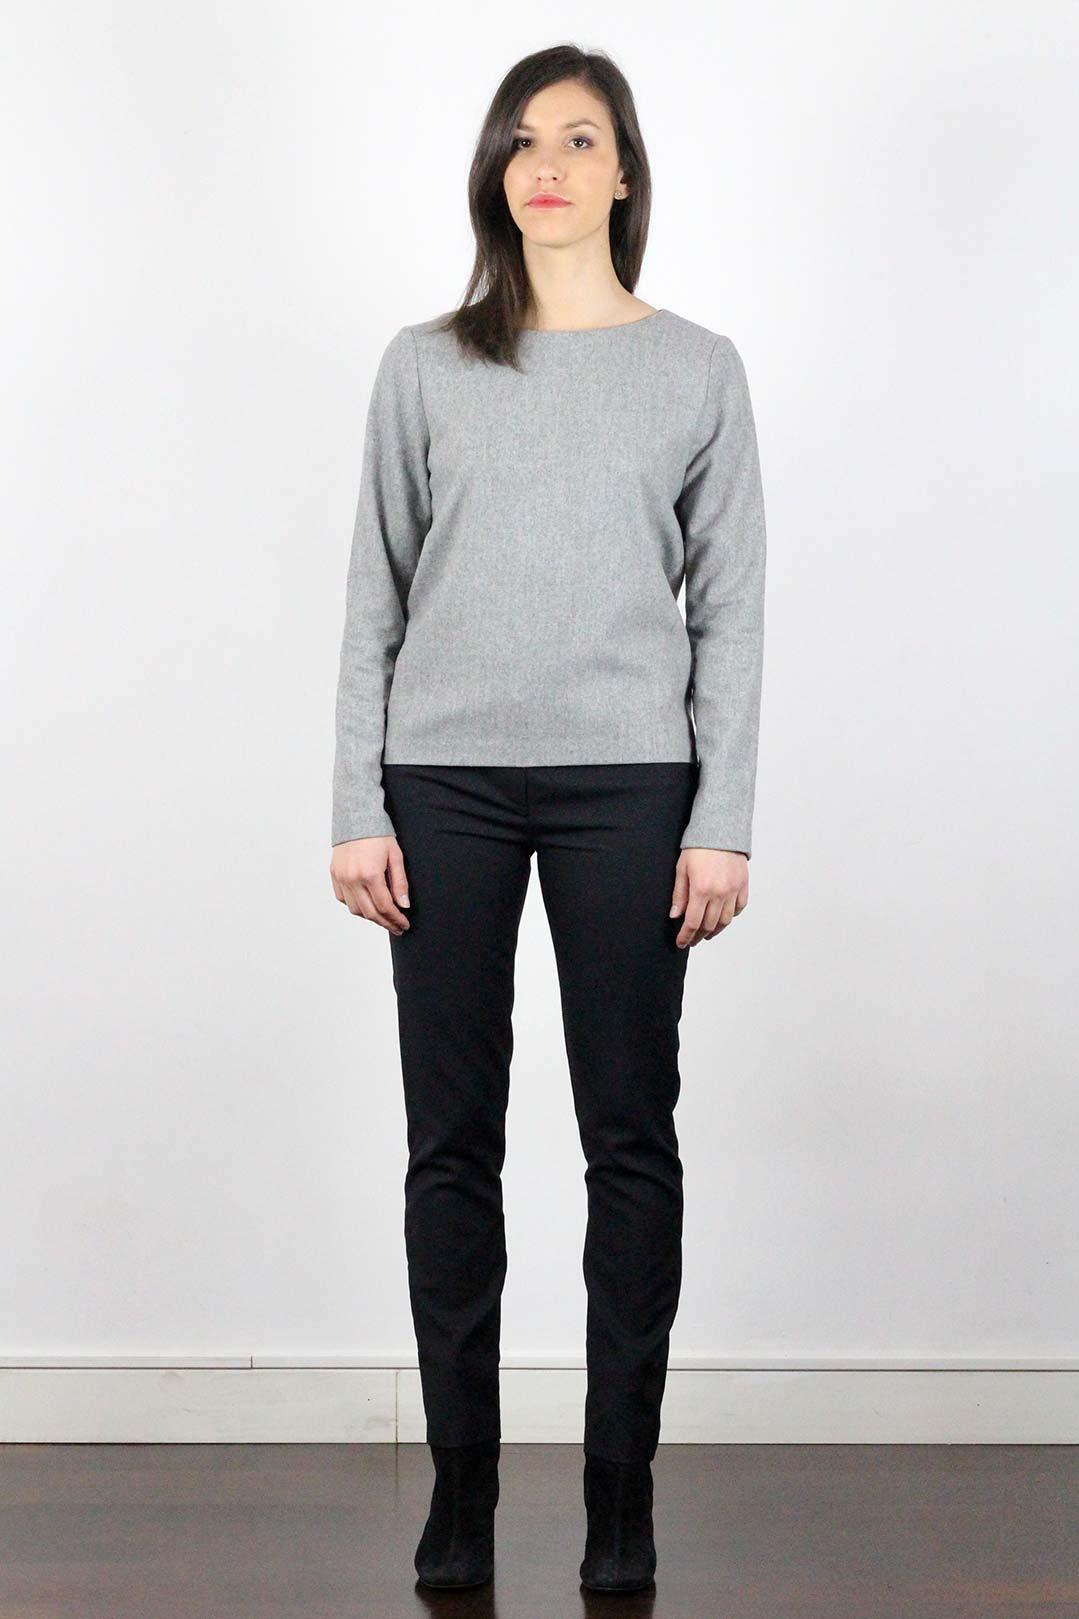 pull en laine gris femme flanelle 120 39 s atode made in france. Black Bedroom Furniture Sets. Home Design Ideas